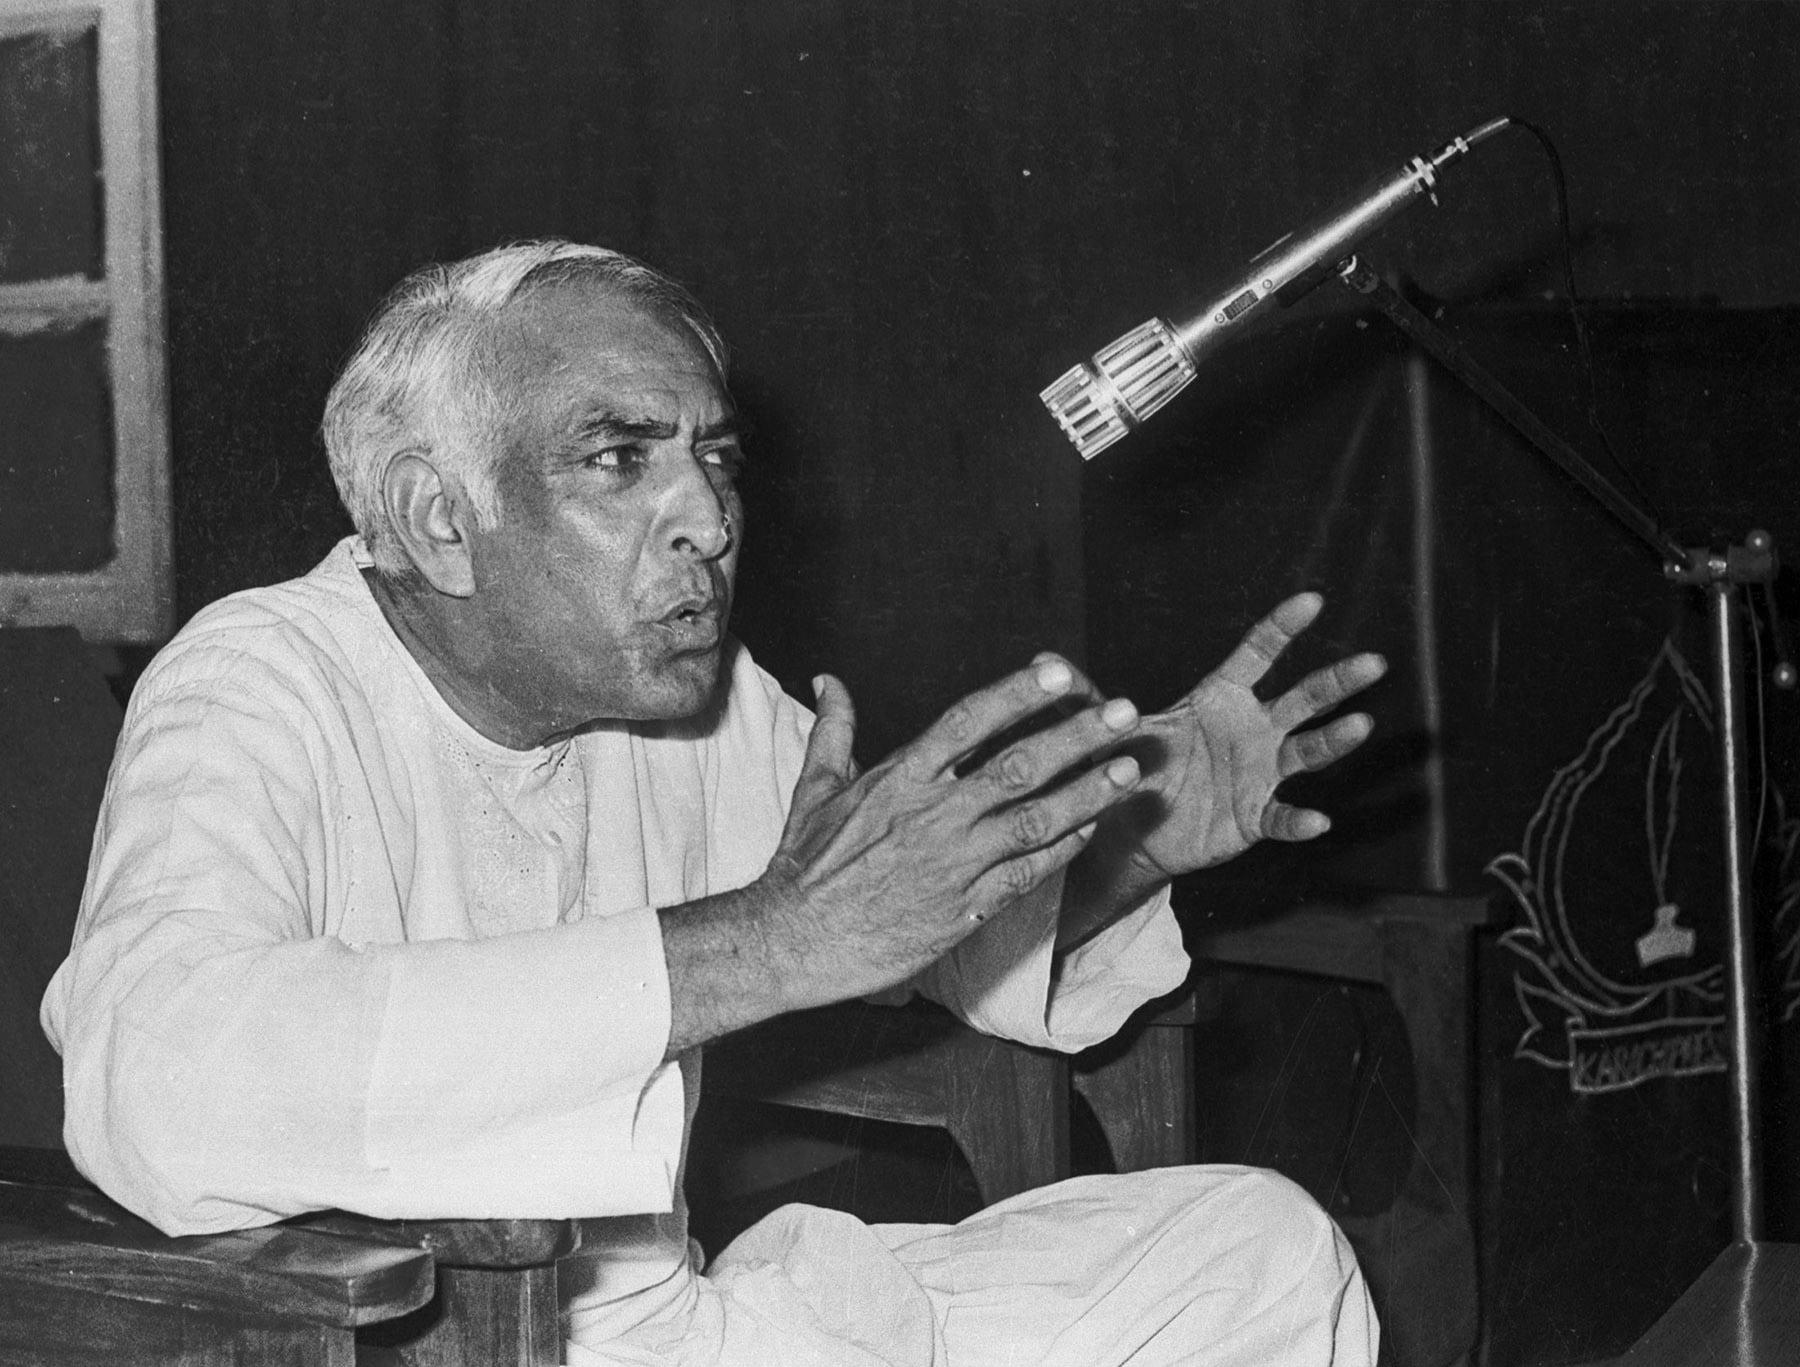 21 جولائی 1983ء پاکستان مسلم لیگ کے رہنما ملک قاسم کراچی میں میڈیا سے بات کر رہے ہیں— تصویر بشکریہ زاہد حسین